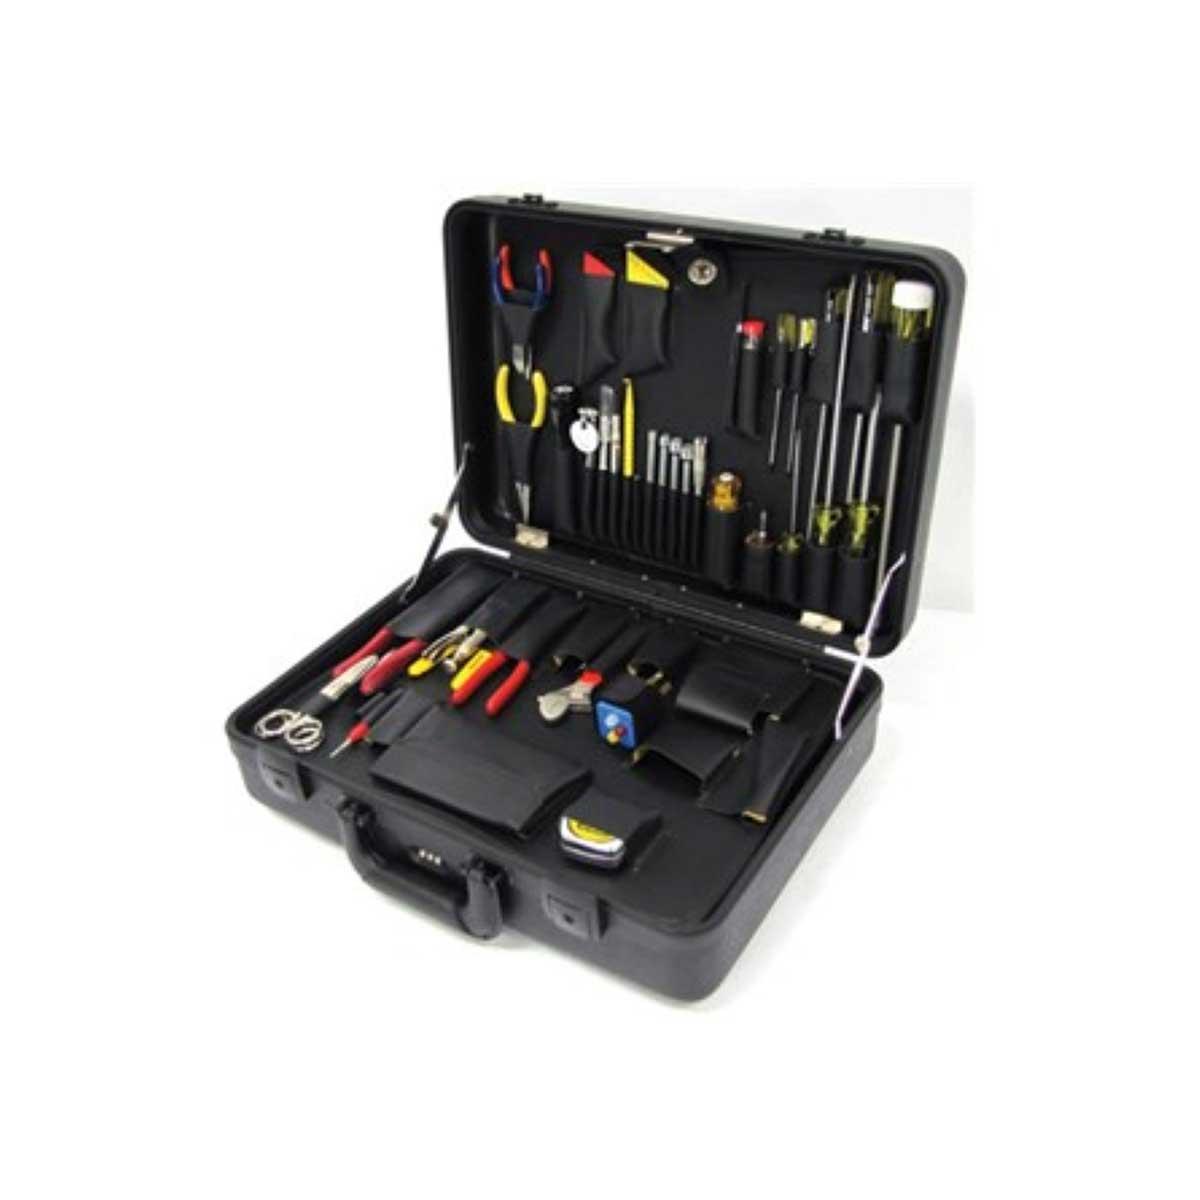 Kit de herramientas con equipo de prueba NGST-2100LM LAN